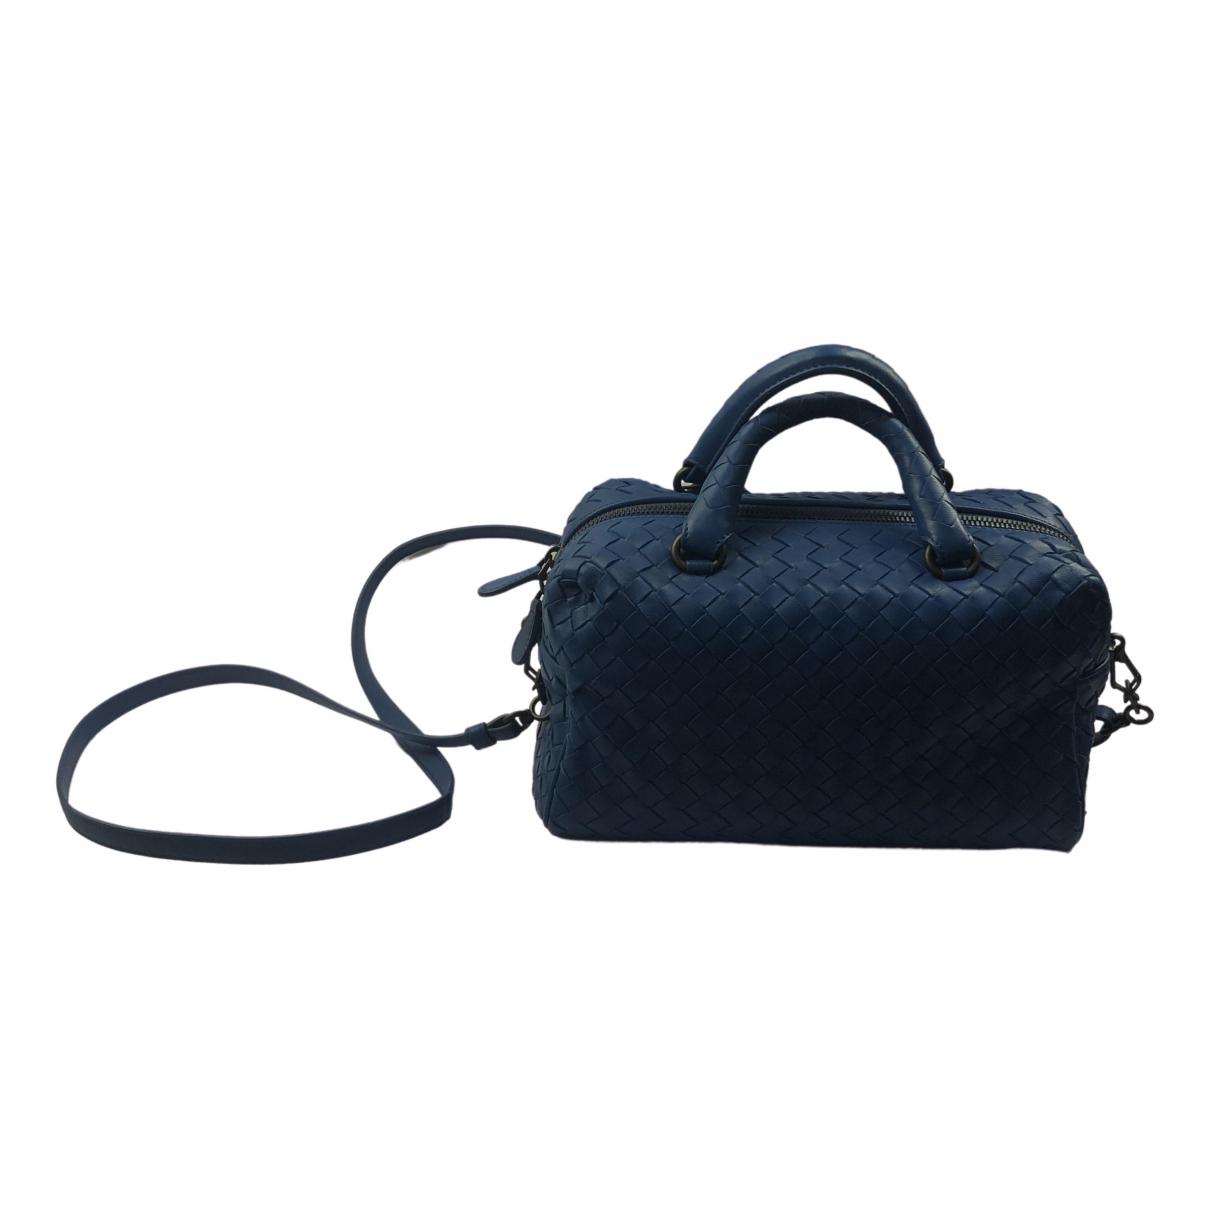 Bottega Veneta - Sac a main City Veneta pour femme en cuir - bleu